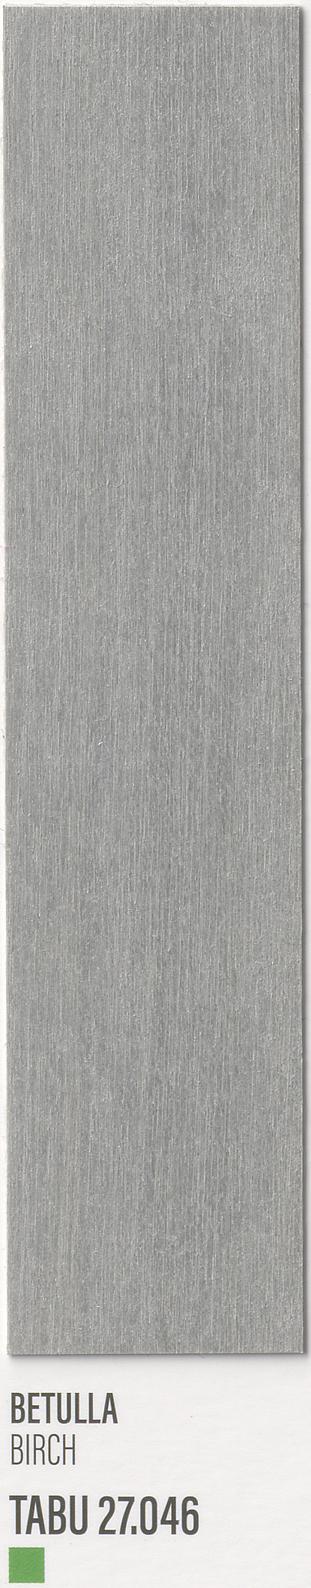 A10-(300dpi)(20181031)